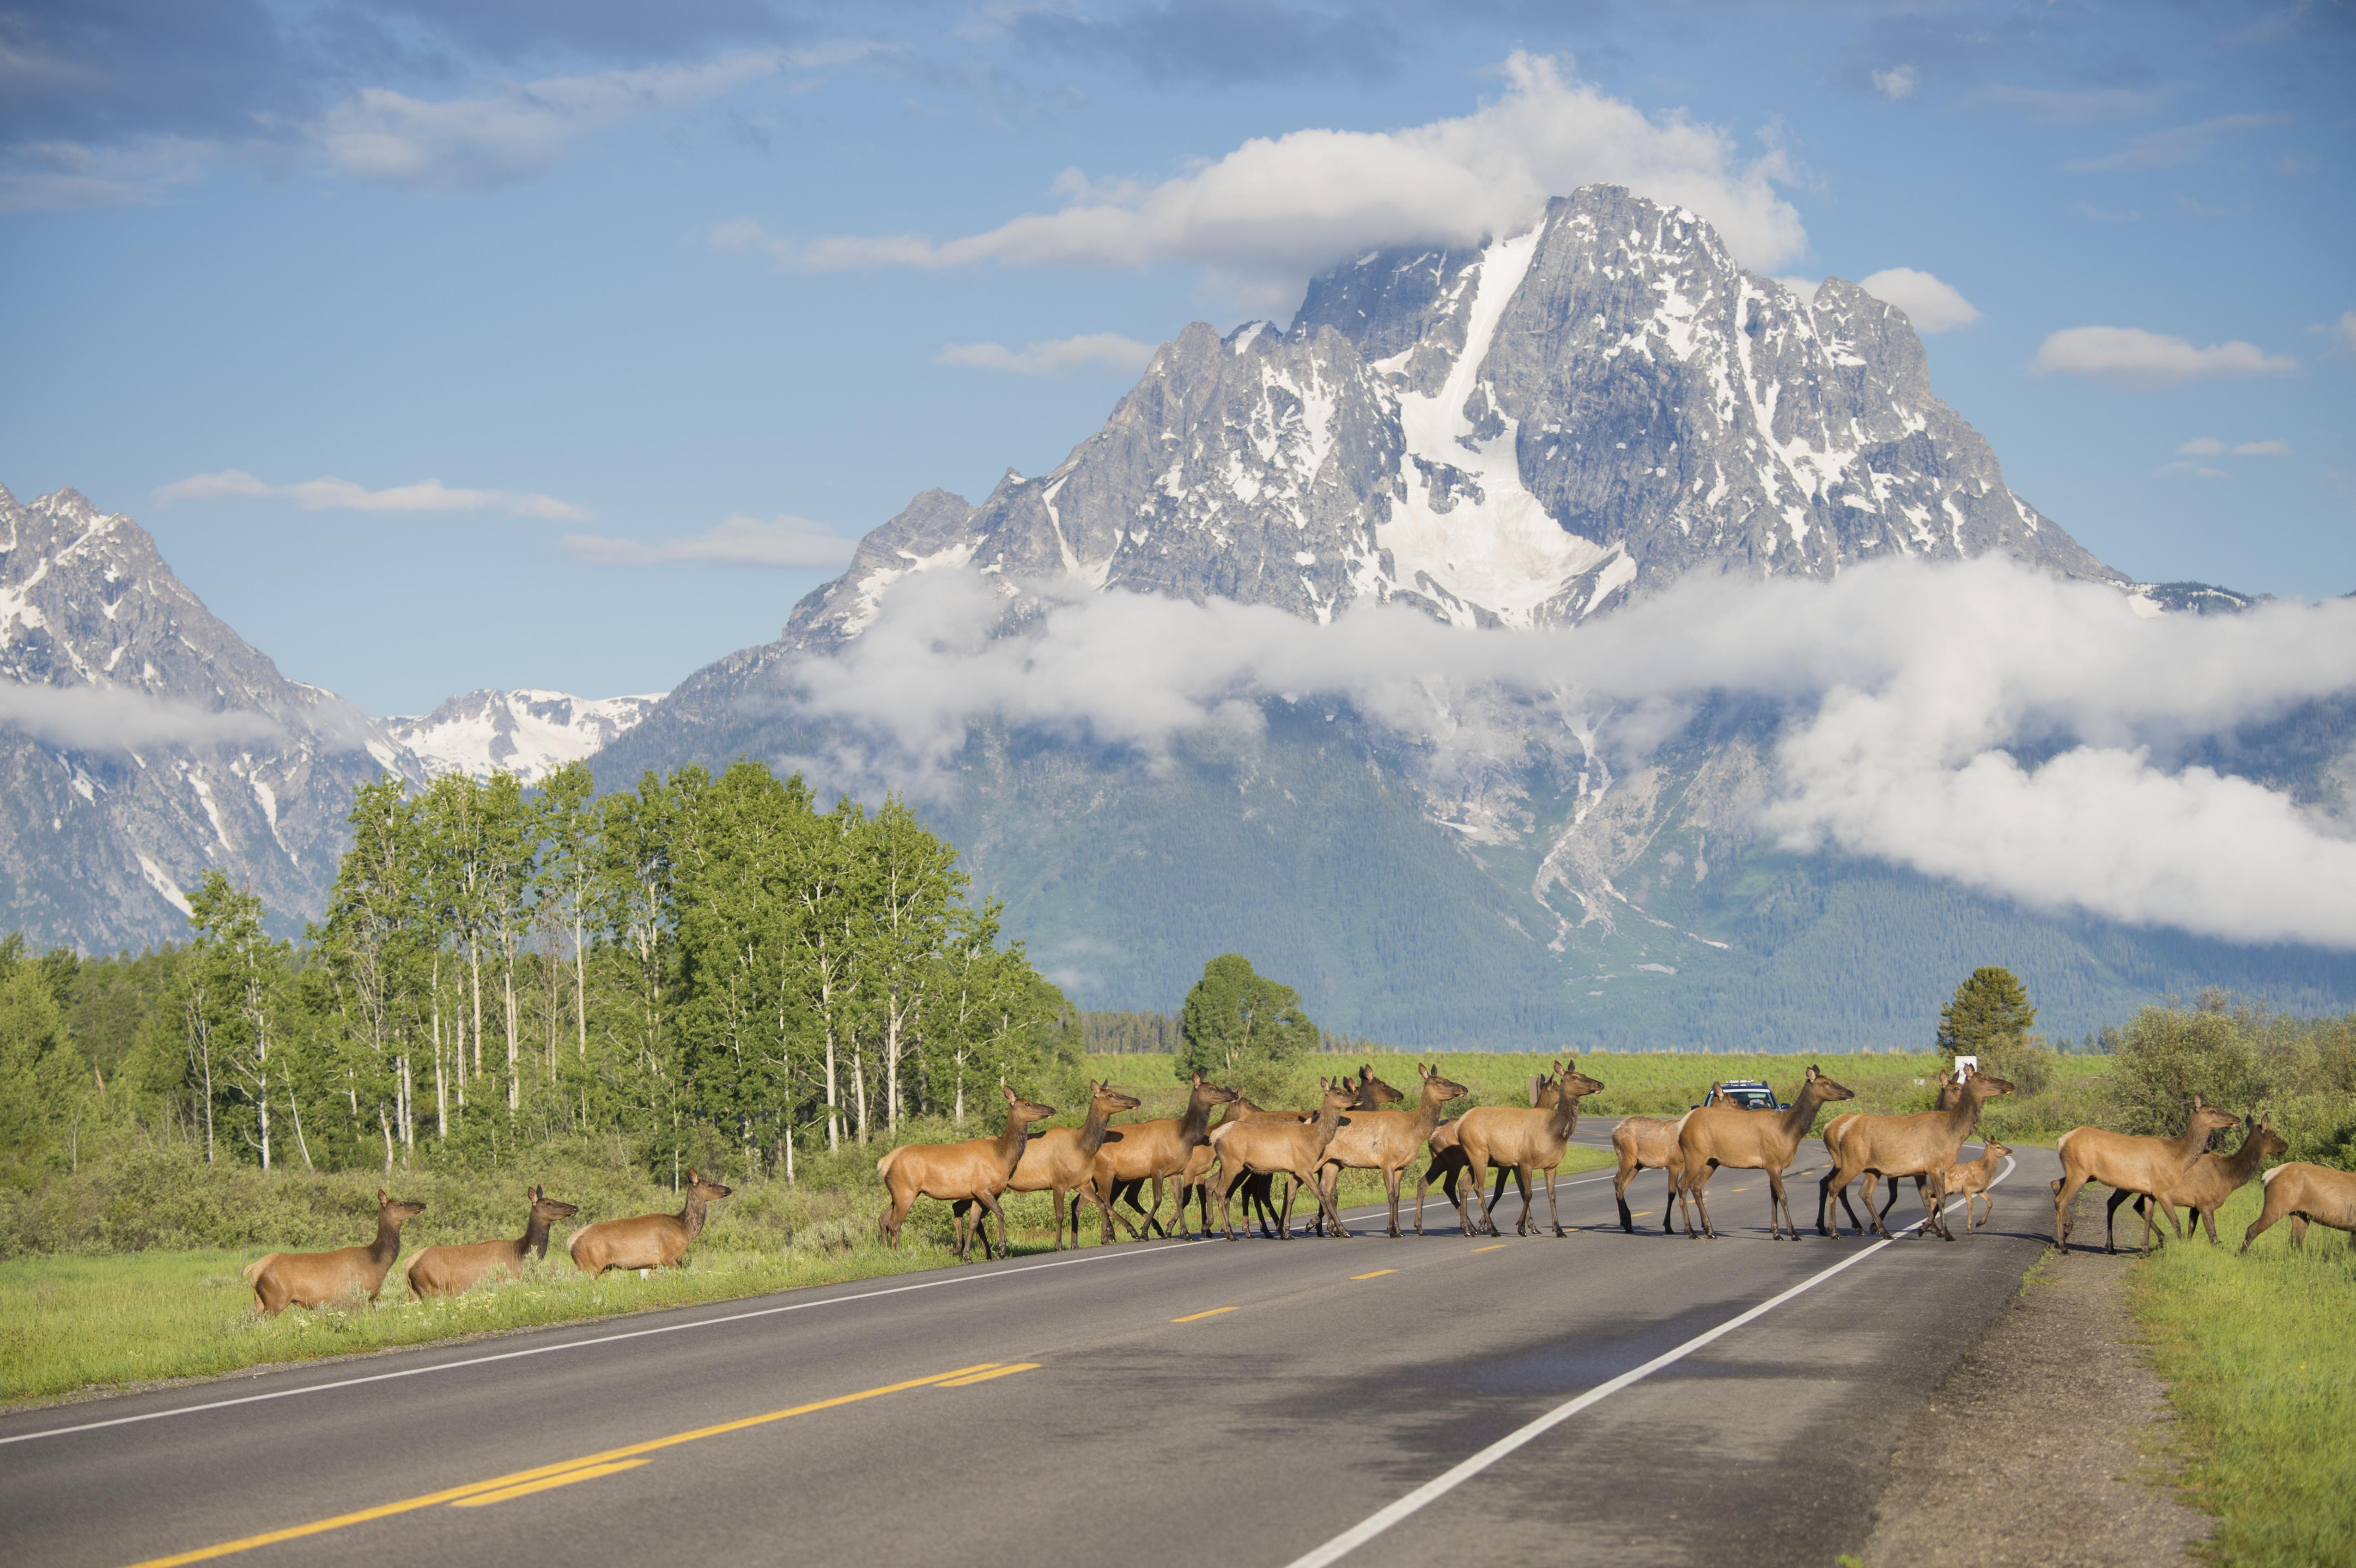 Elk crossing highway in Grand Teton National Park, Wyoming.